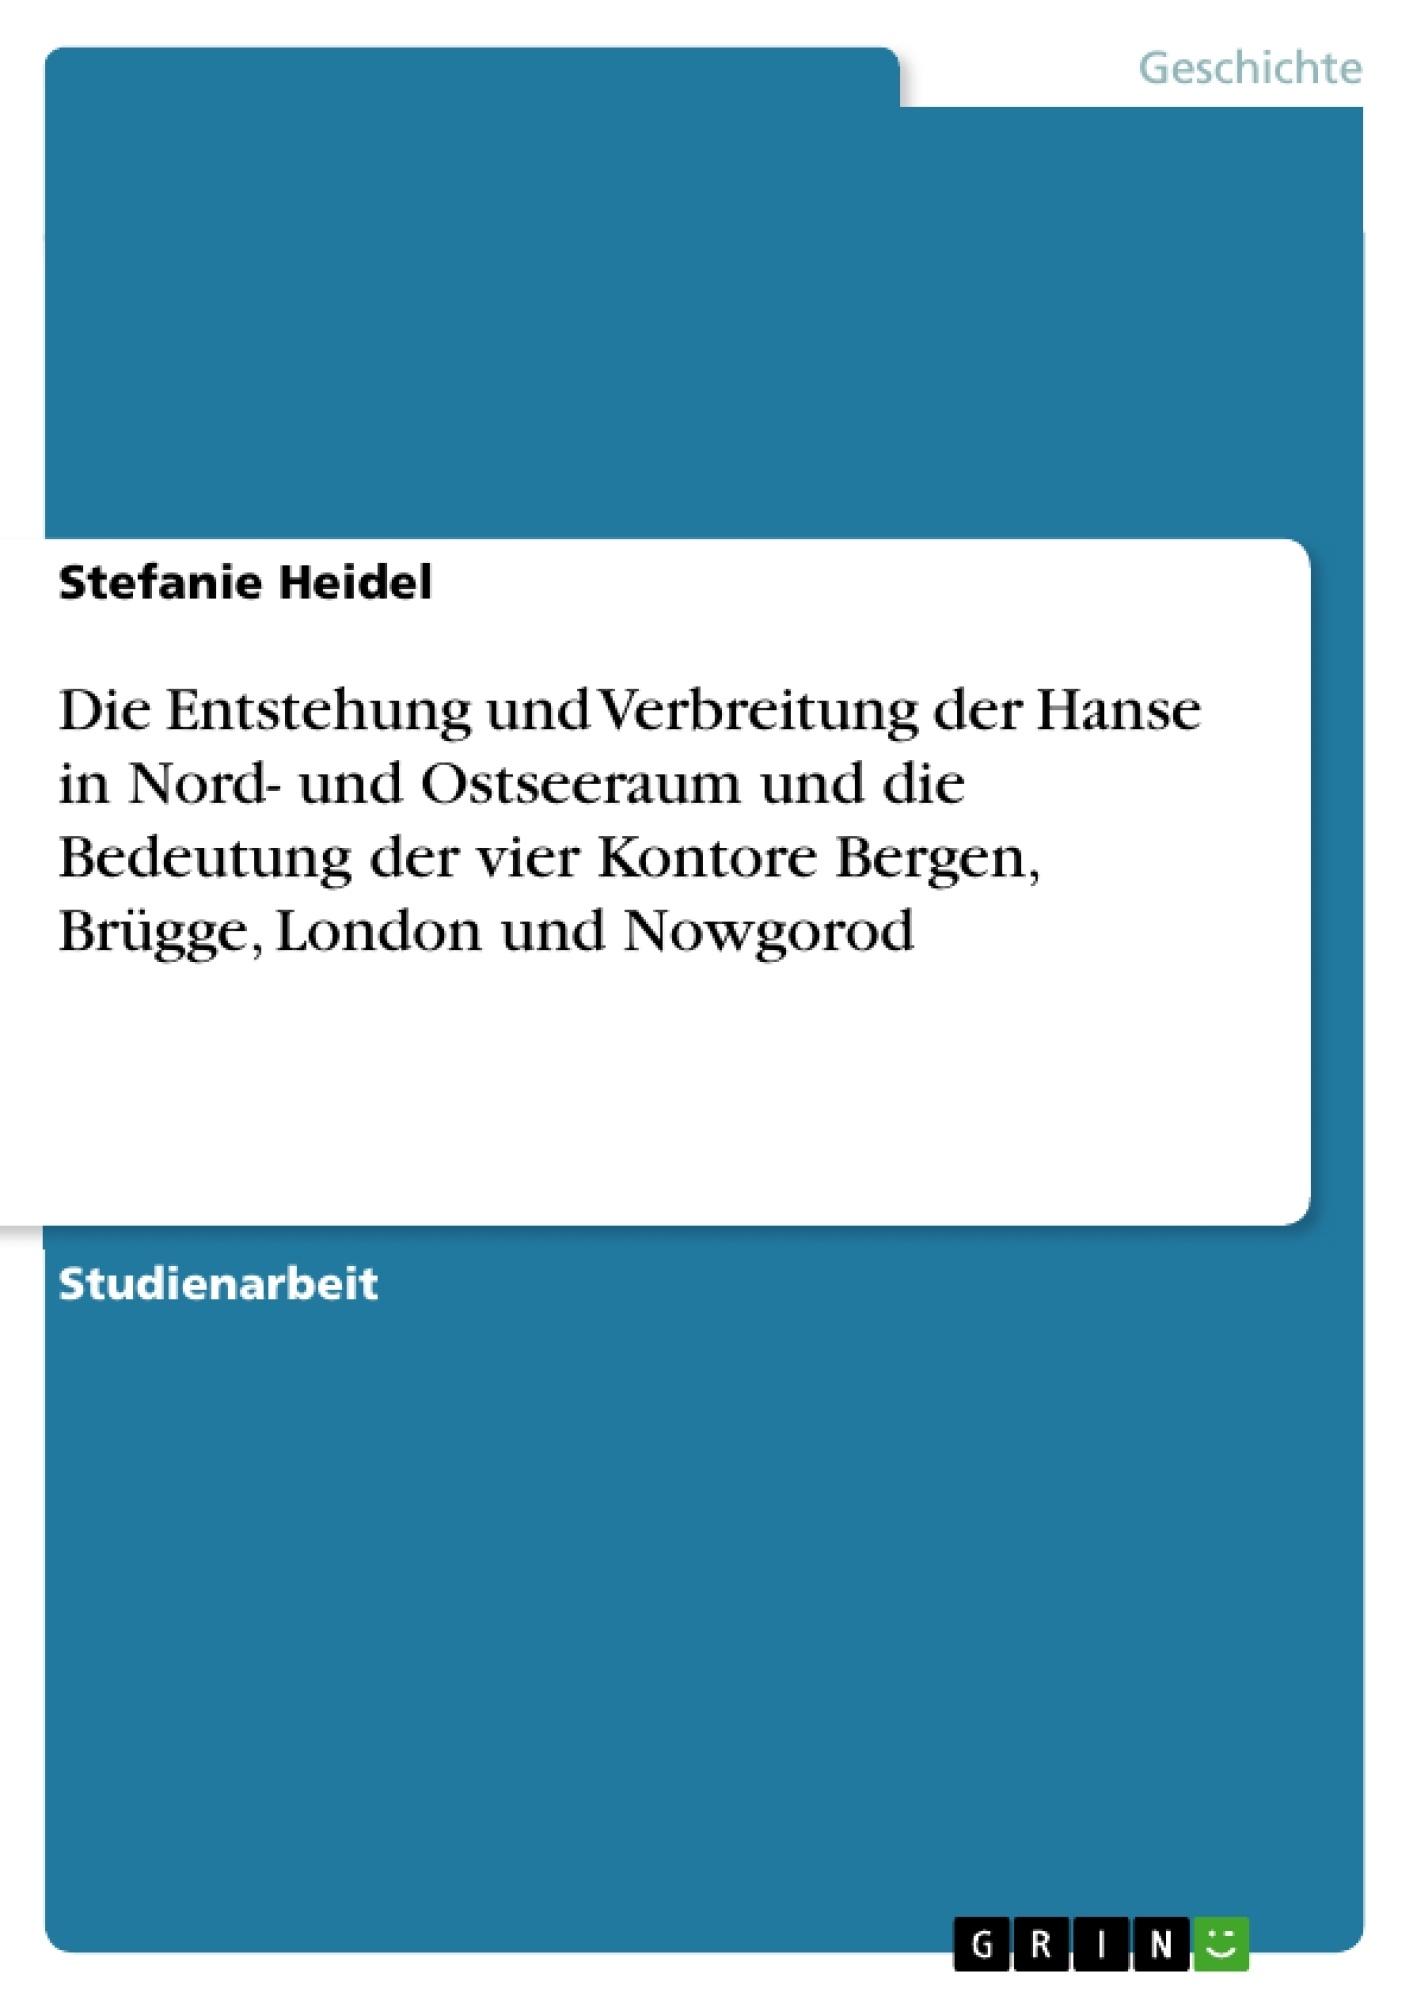 Titel: Die Entstehung und Verbreitung der Hanse in Nord- und Ostseeraum und die Bedeutung der vier Kontore Bergen, Brügge, London und Nowgorod